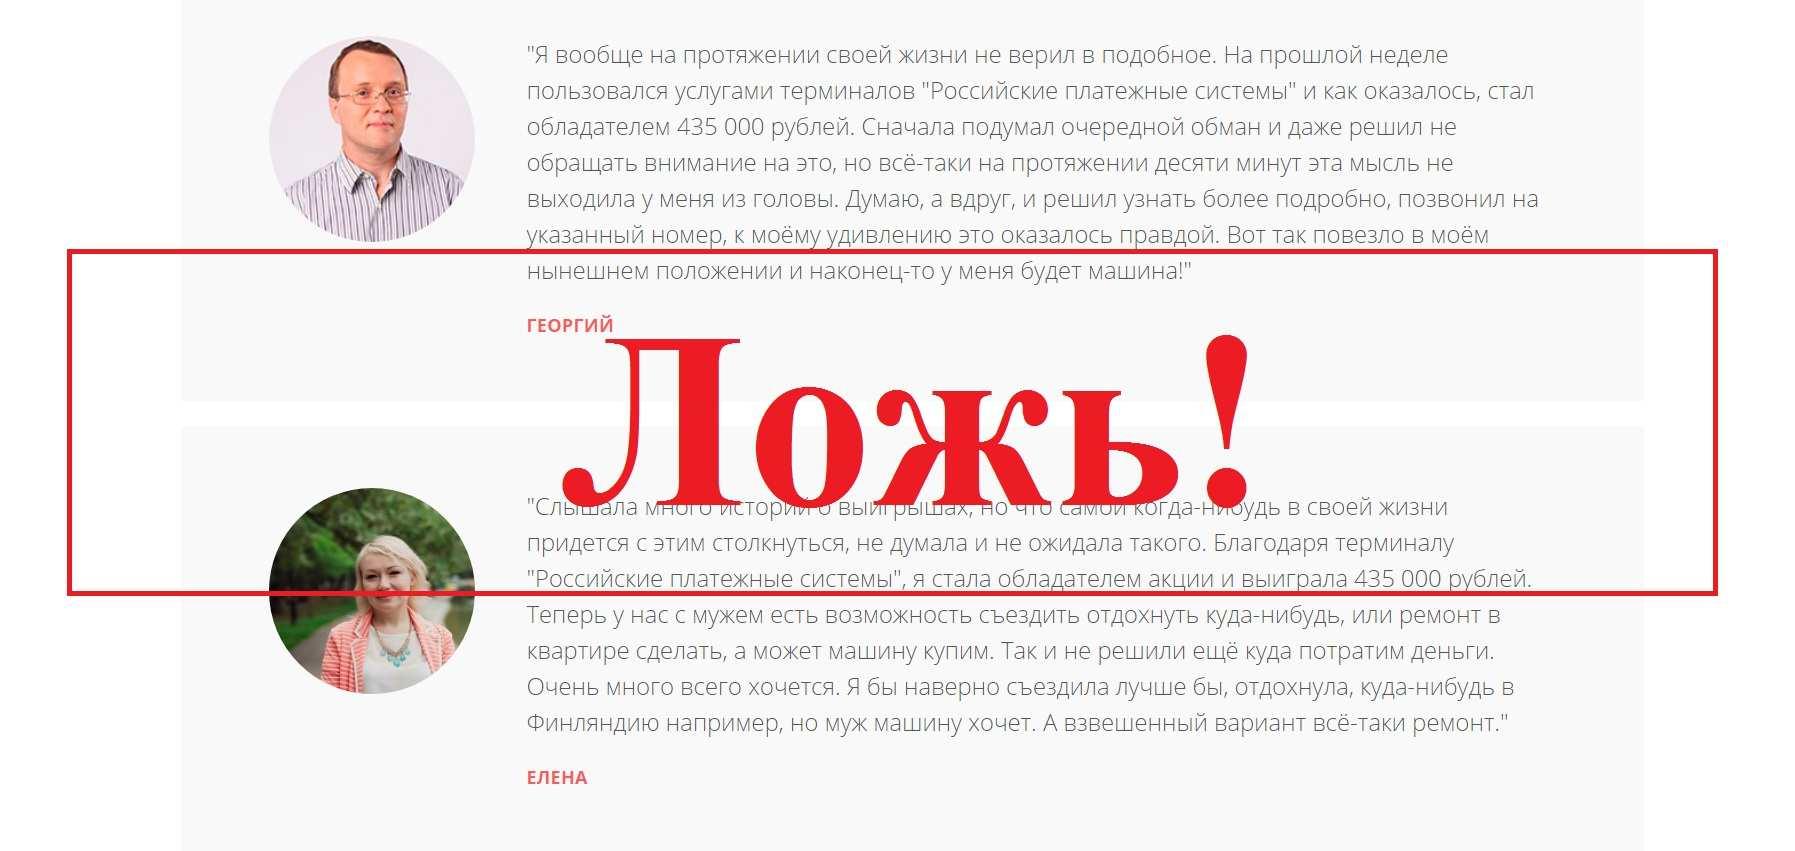 """Акция ООО """"Российские платежные системы"""" – отзывы о выигрыше"""